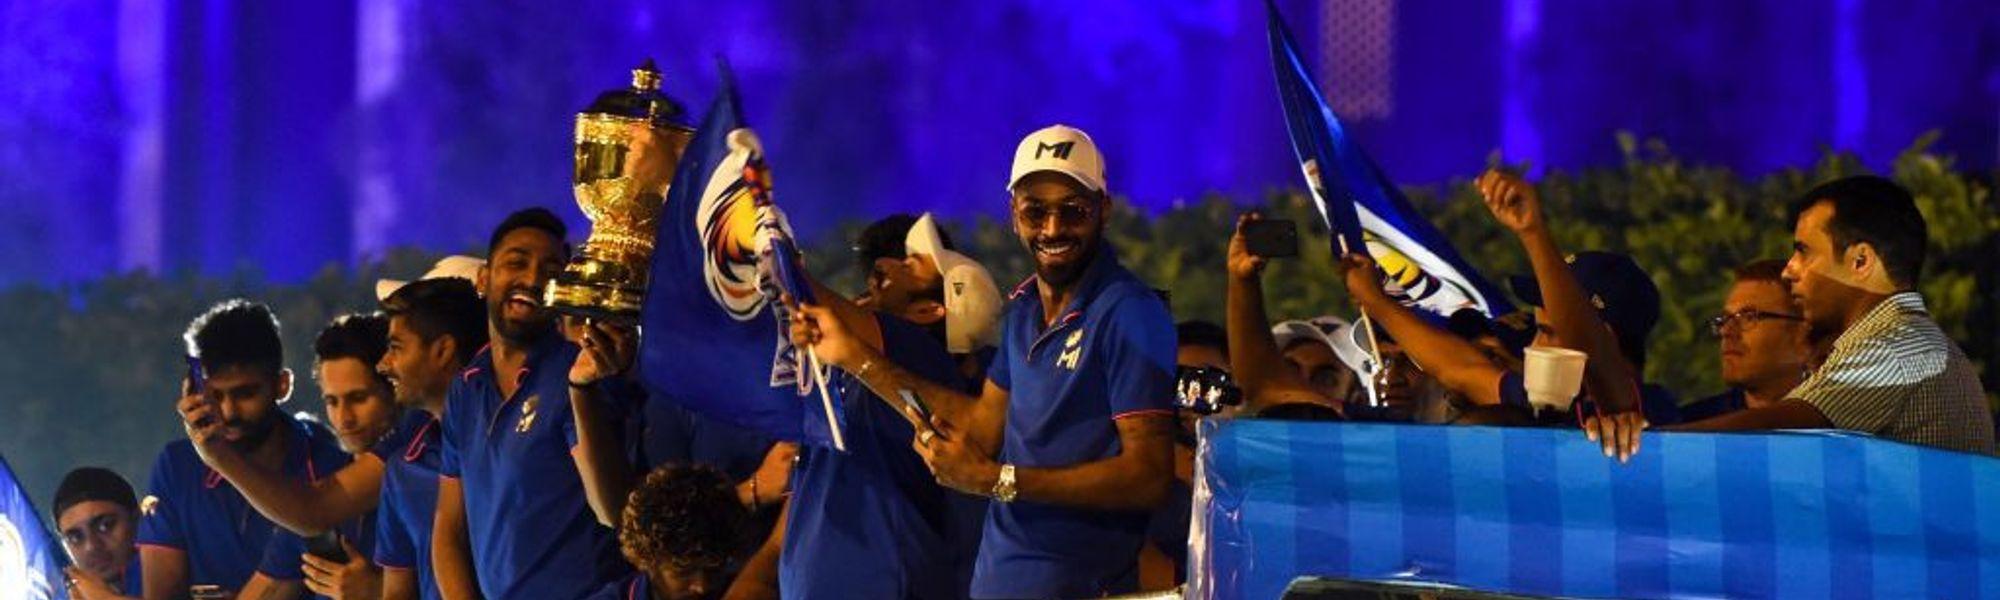 Mumbai Indians celebrate 2019 IPL victory